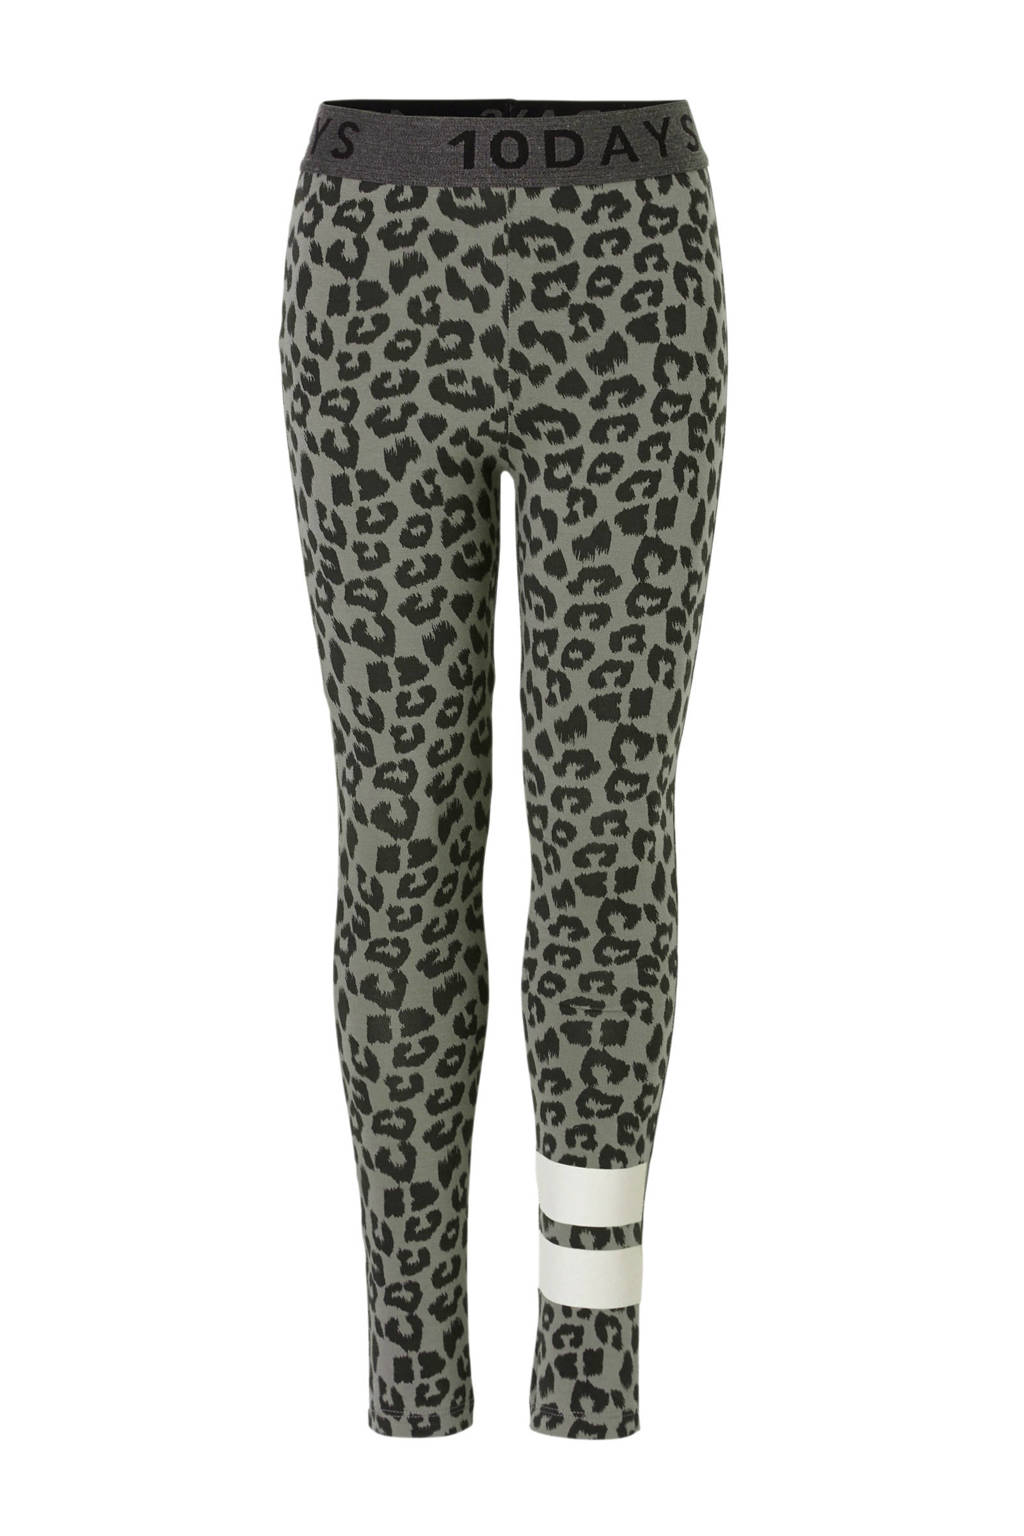 10DAYS legging met panterprint grijs, Grijs/zwart/wit